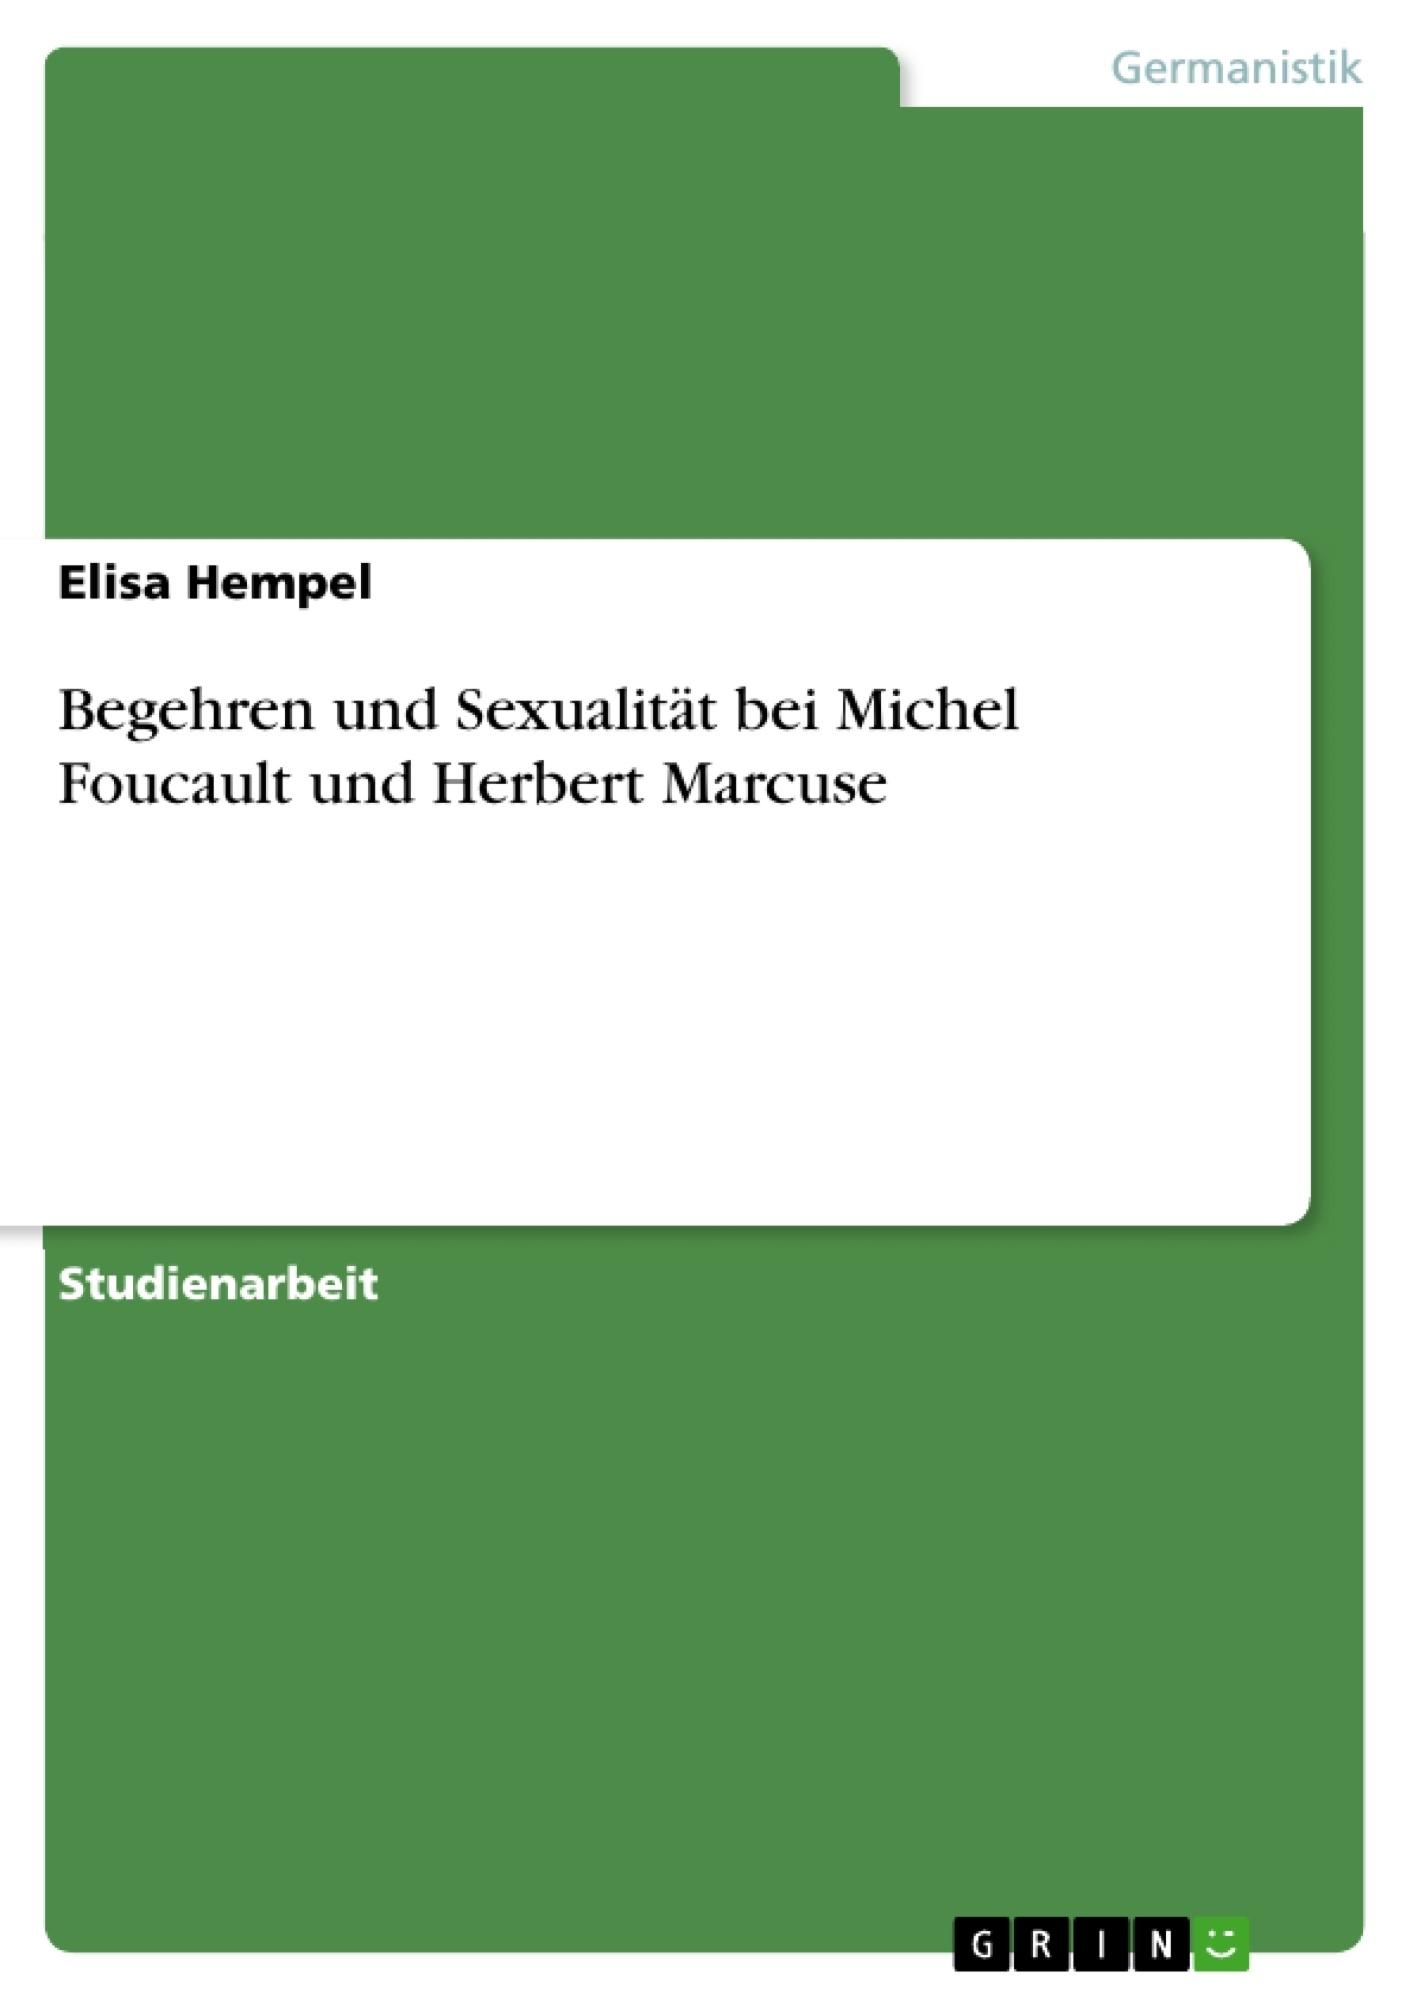 Titel: Begehren und Sexualität bei Michel Foucault und Herbert Marcuse